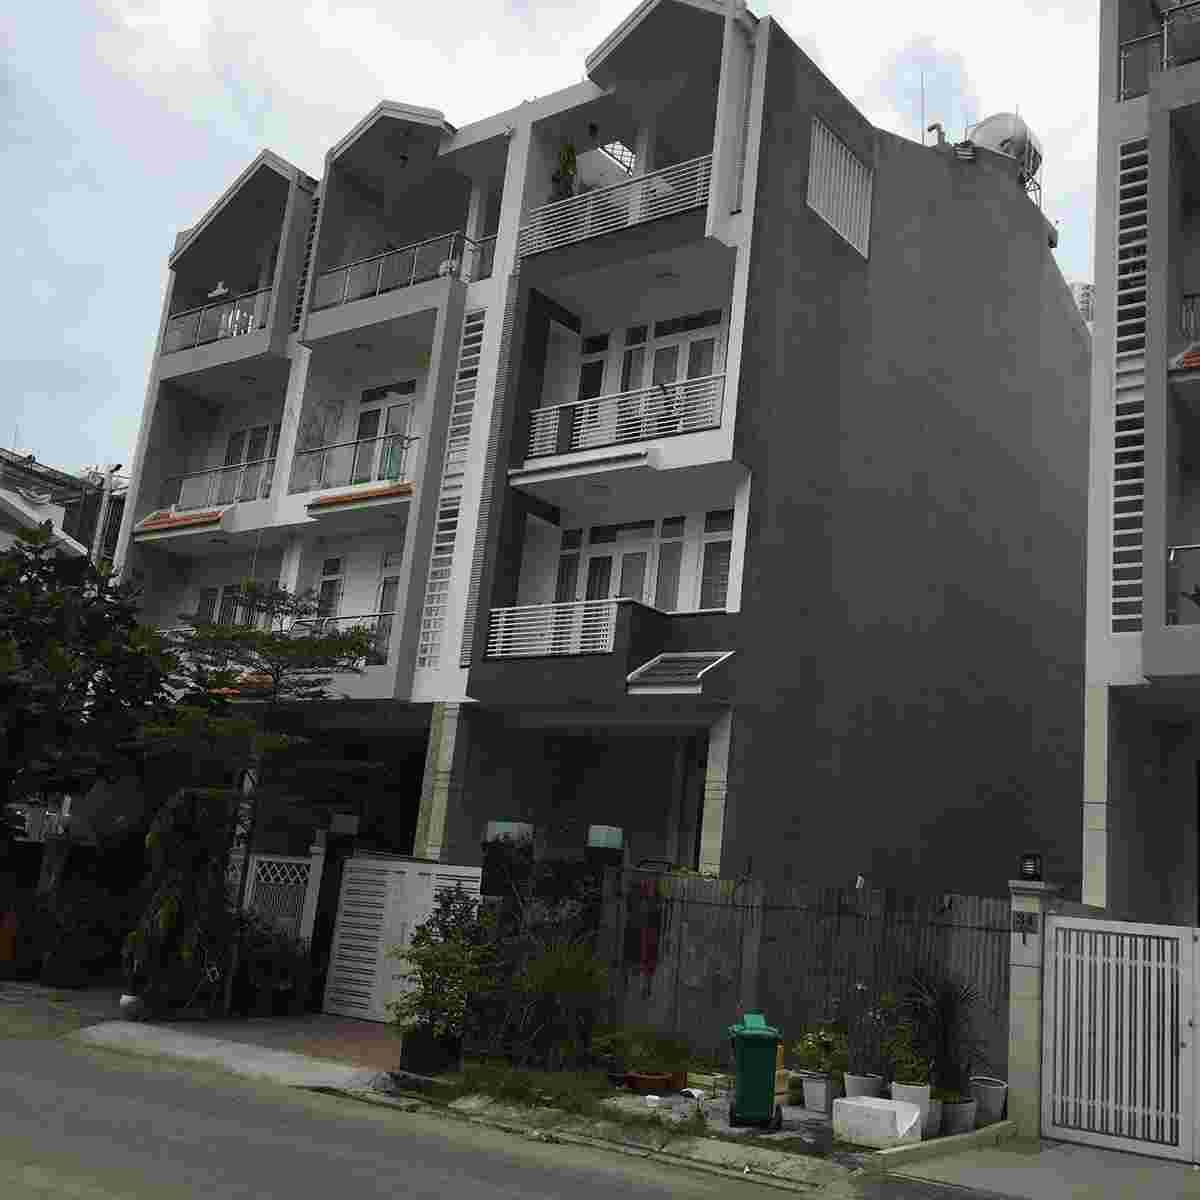 cần bán gấp nhà đẹp đường số 53 phường tân quy quận7, giá 15 tỷ có thương lượng cho người thiện chí.